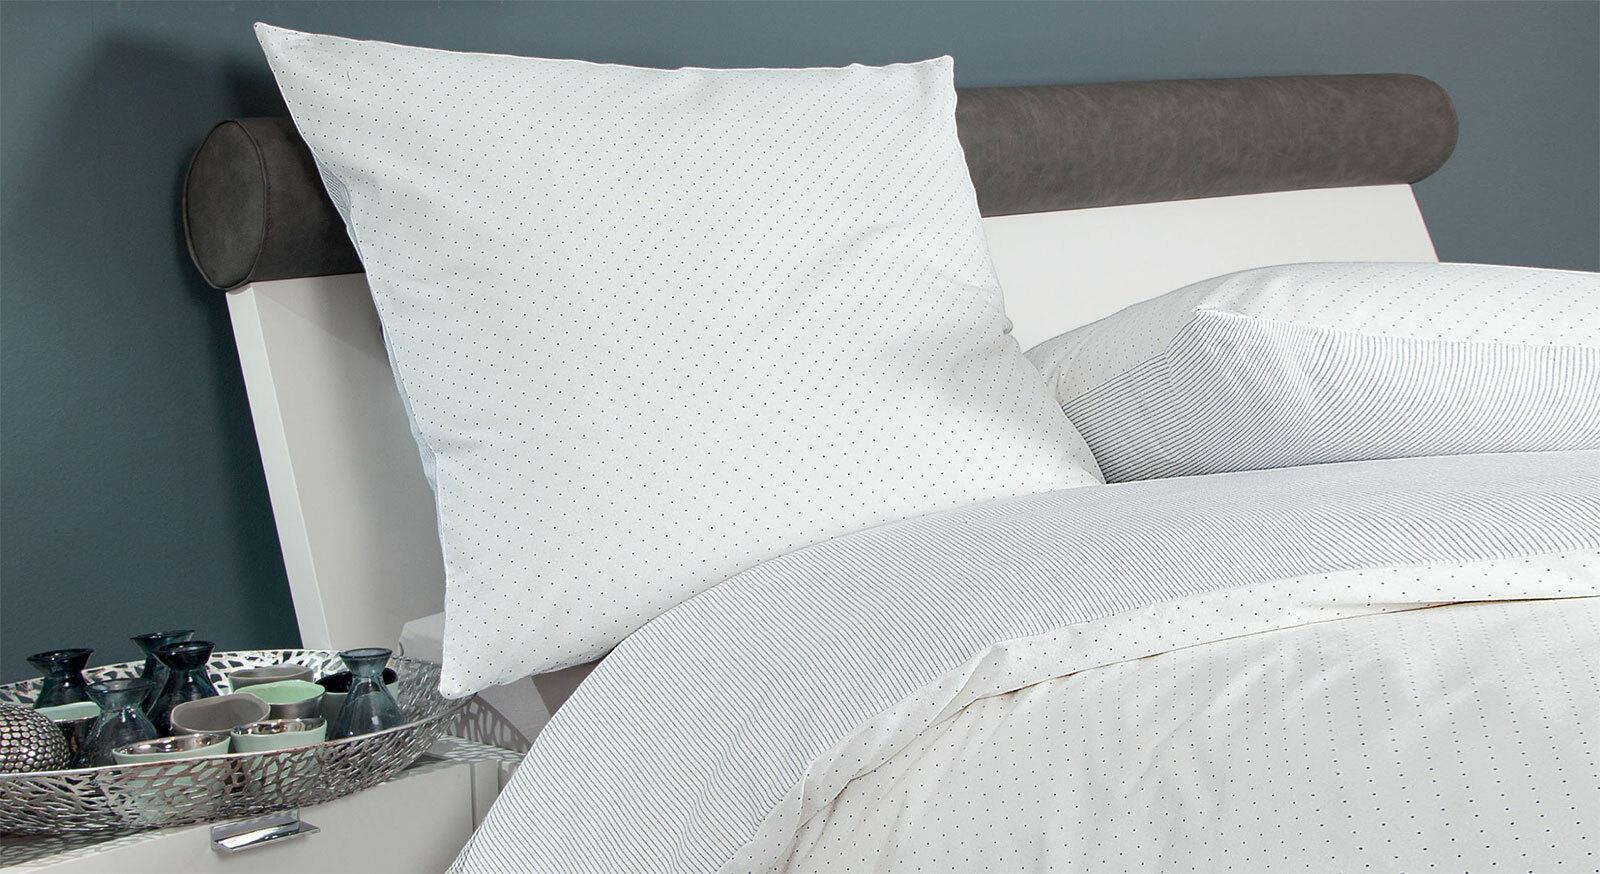 Hotelverschluss Infos Erklärung Vorteile Bettende Lexikon